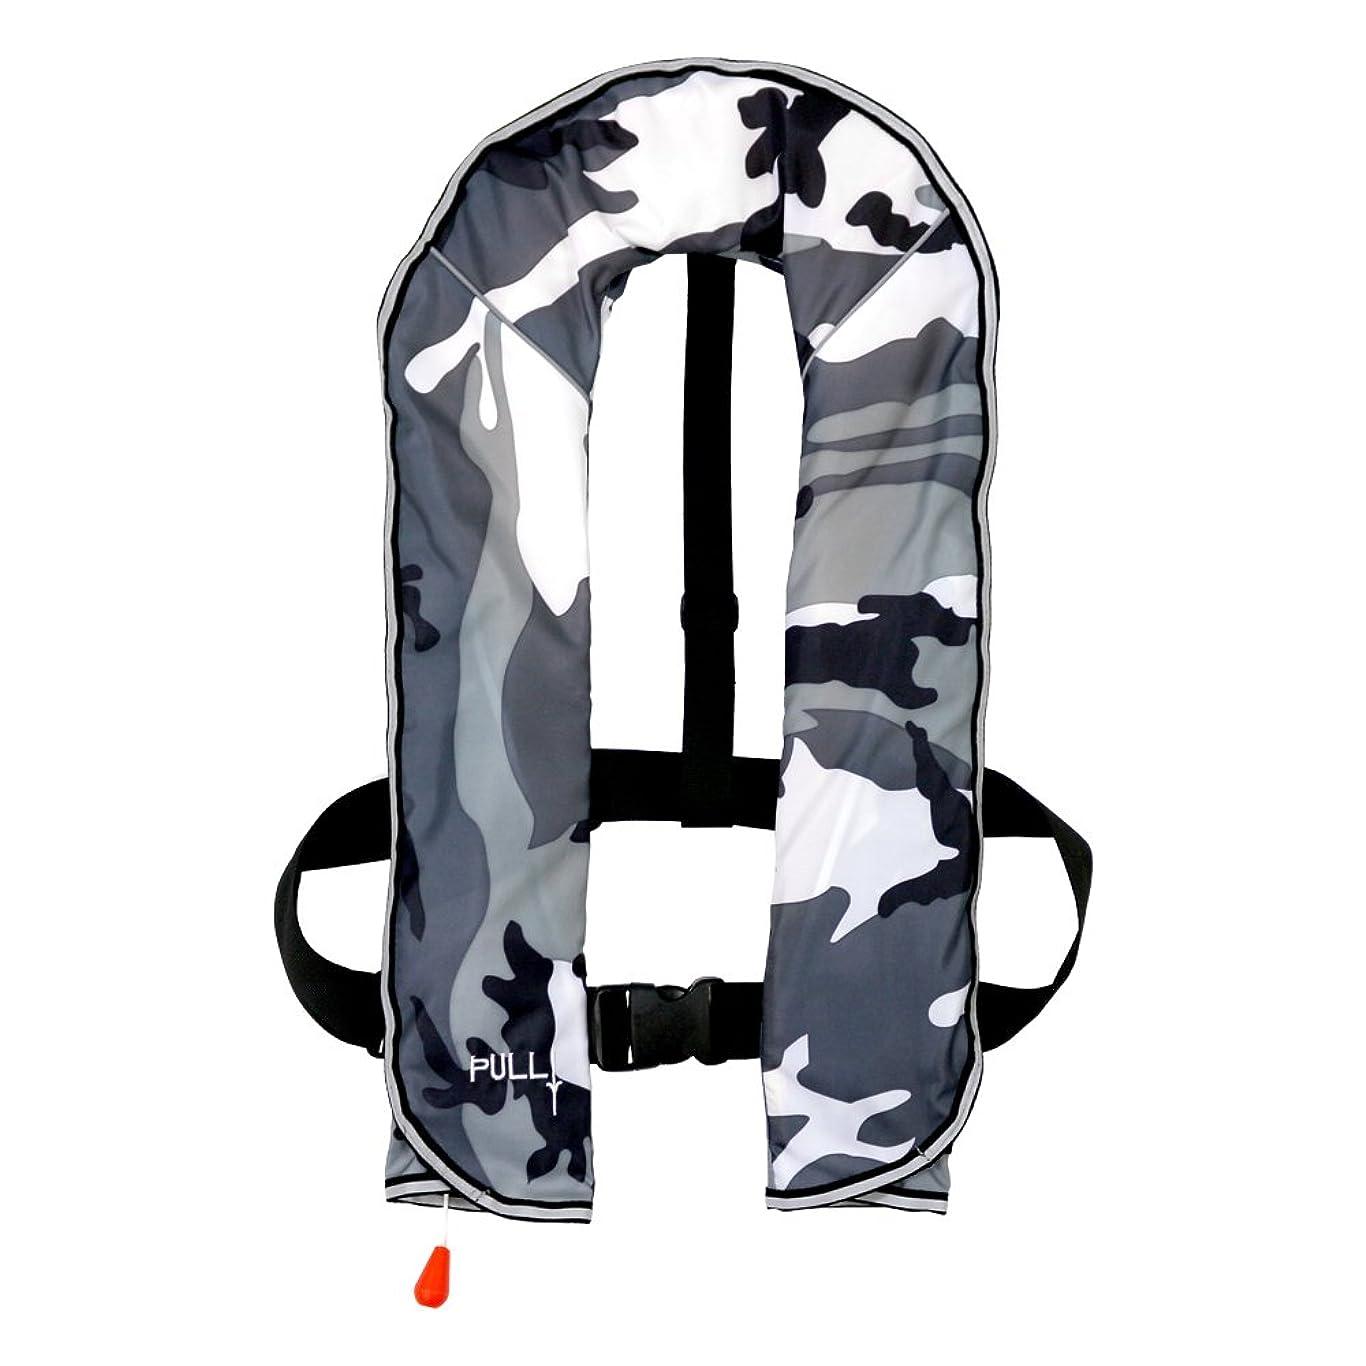 週間パーツ大騒ぎDABADA(ダバダ) ライフジャケット インフレータブル ベストタイプ 膨張式 救命胴衣 男女兼用 フリーサイズ